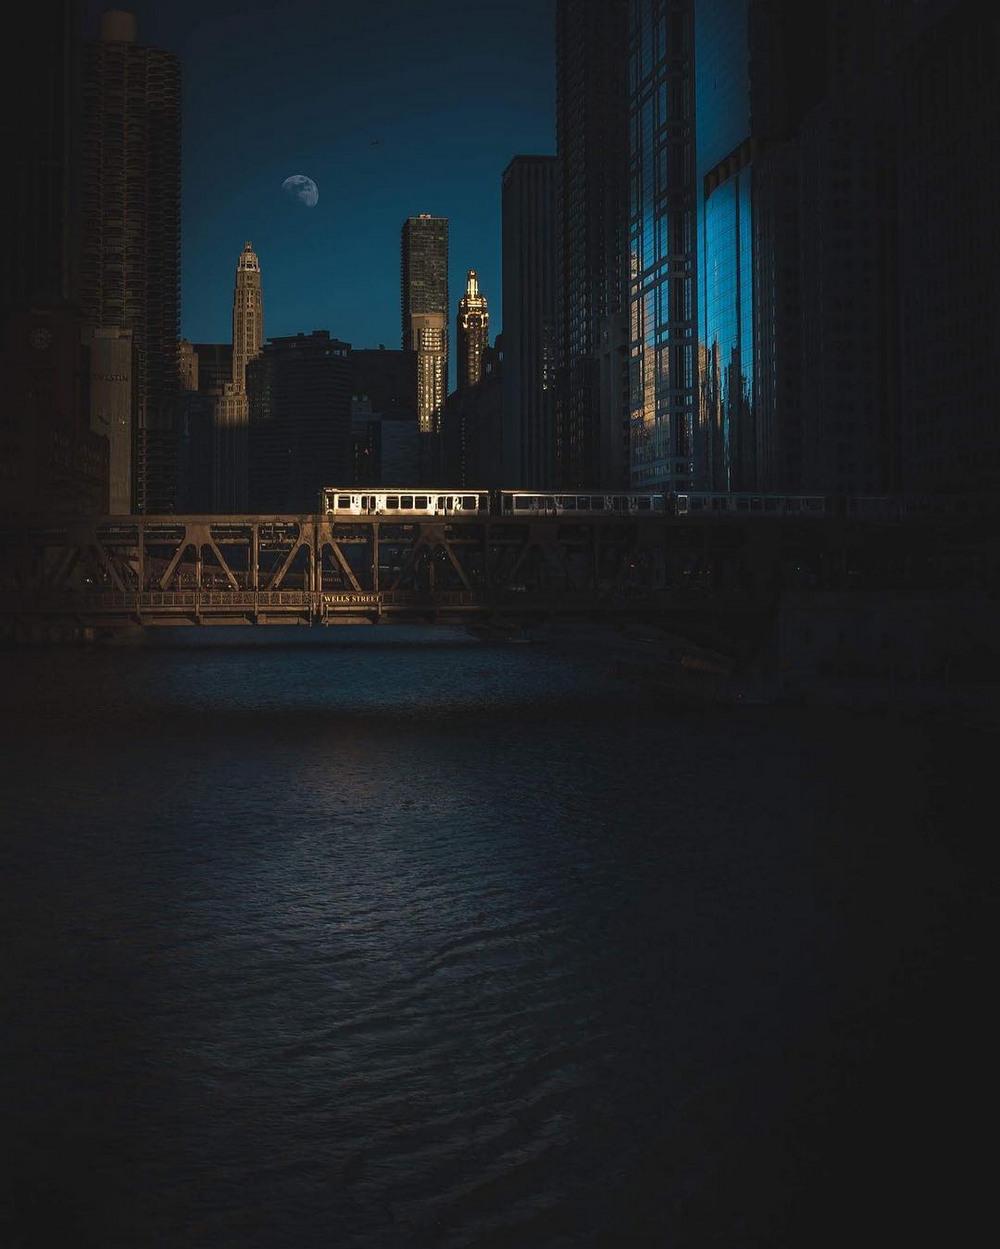 Chikago-fotograf-Mayk-Meyers_15